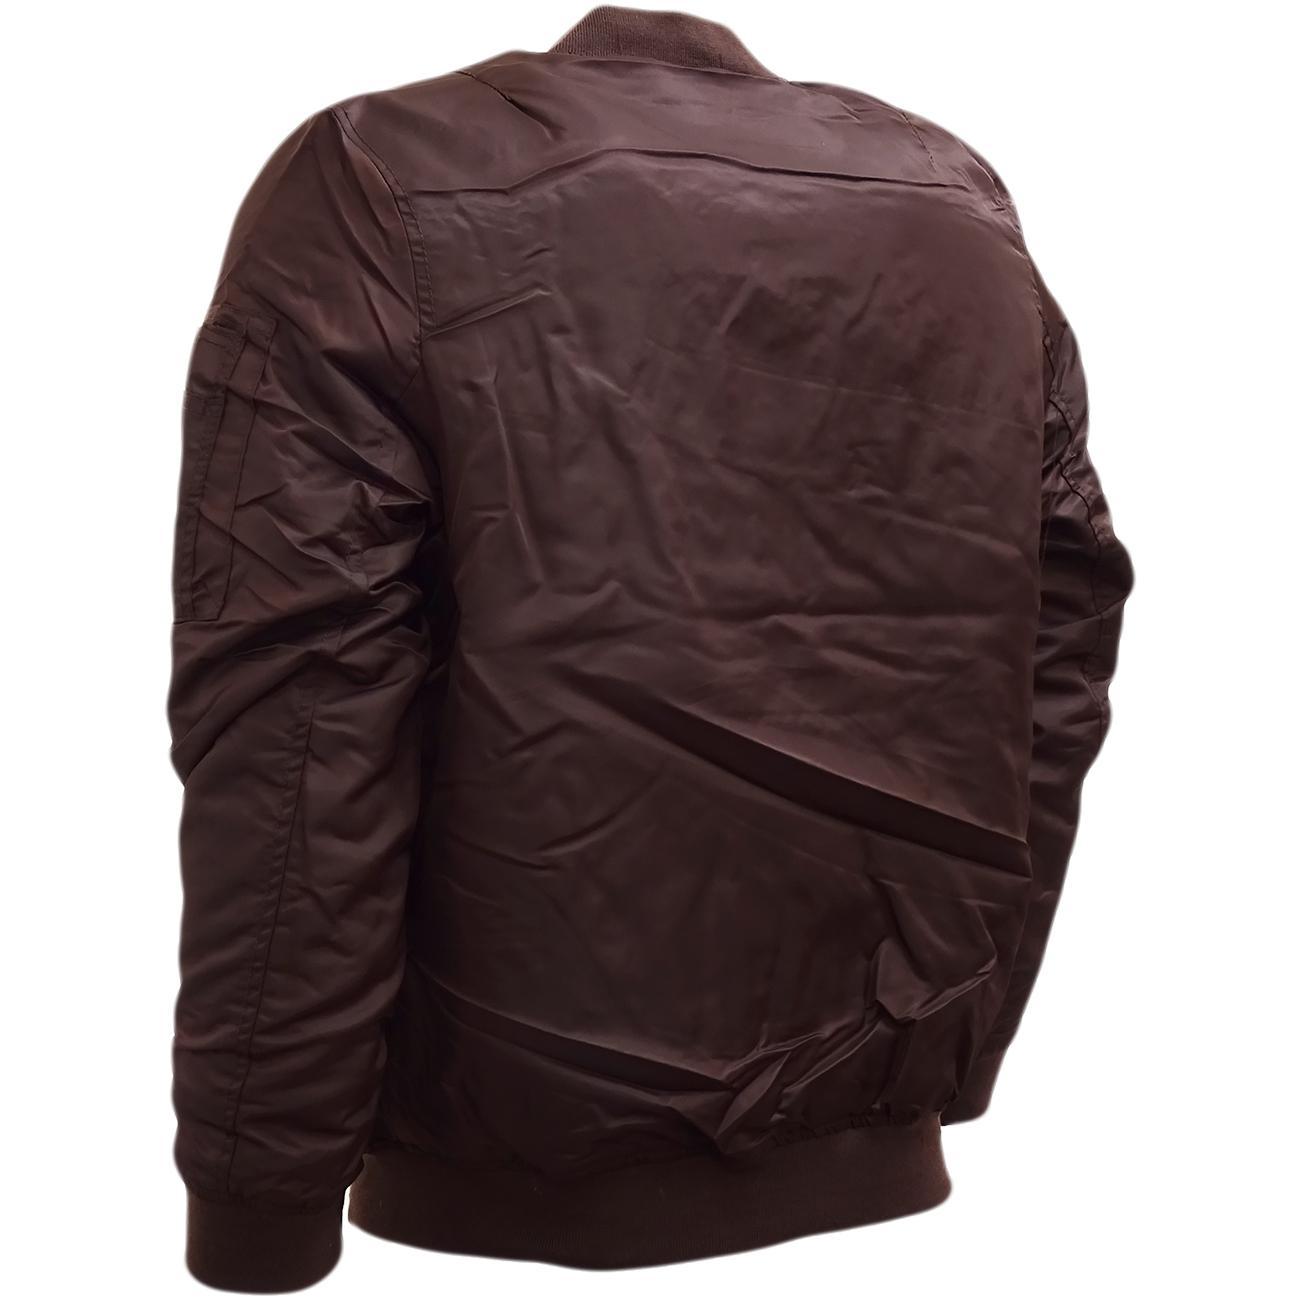 jackets brave soul bomber jacket 39 oslo 39 jackets mr h. Black Bedroom Furniture Sets. Home Design Ideas